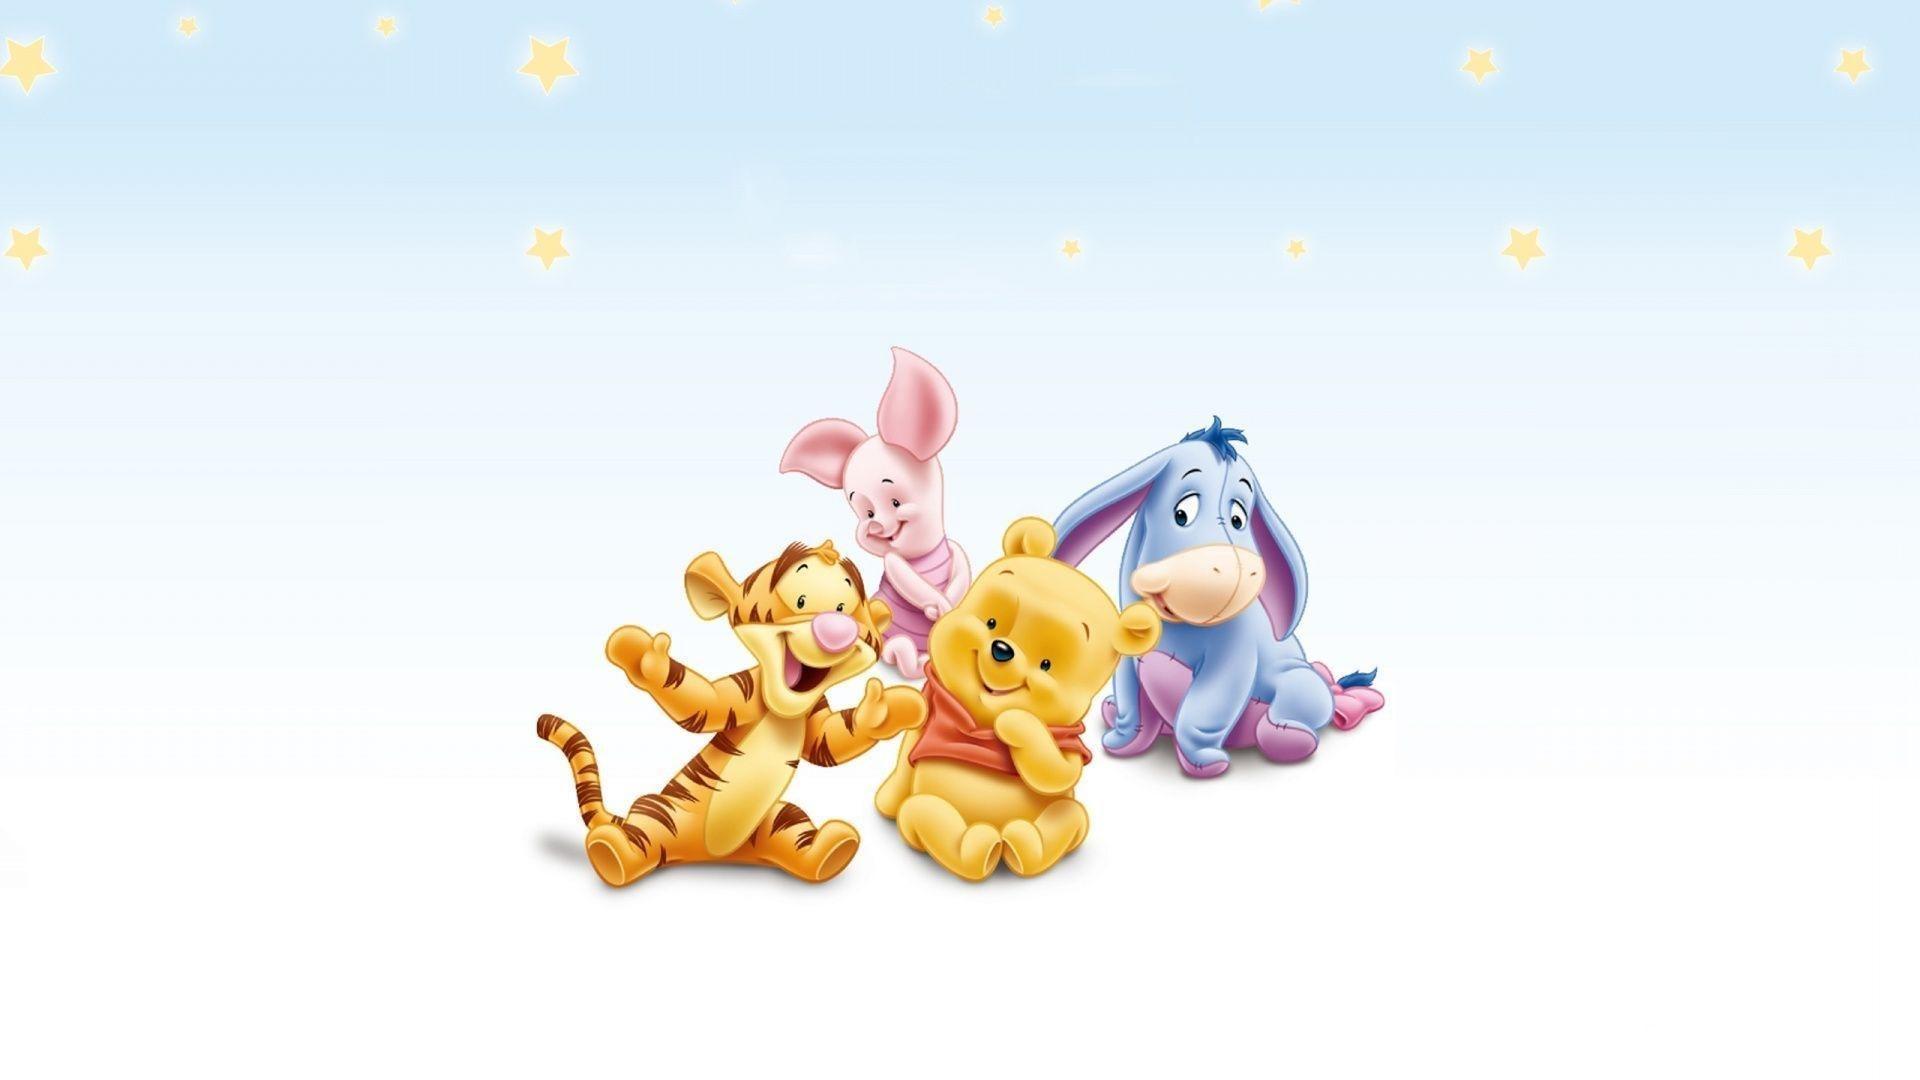 Winnie The Pooh Desktop Wallpapers Top Free Winnie The Pooh Desktop Backgrounds Wallpaperaccess